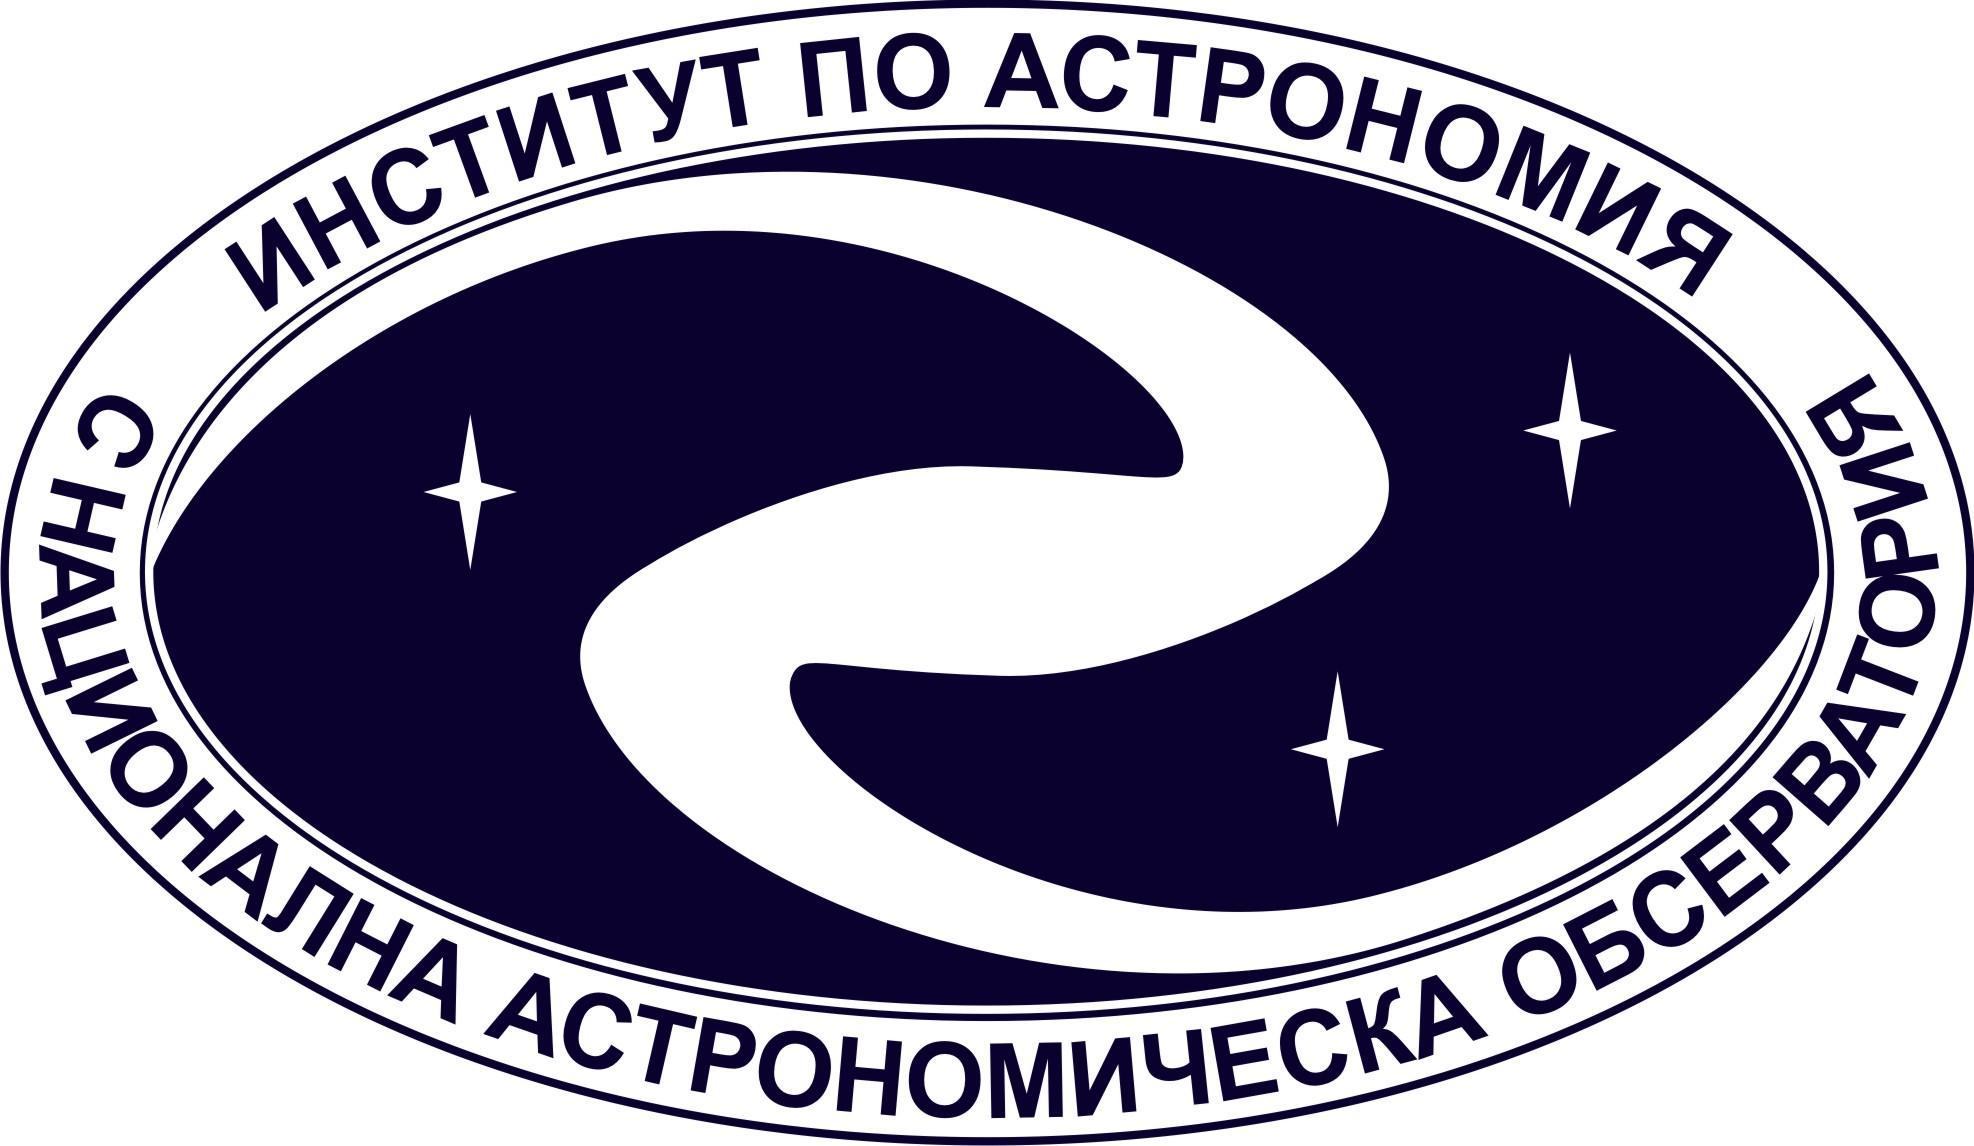 БАН разкриват непоказвано досега космическо изображение на събитие в София